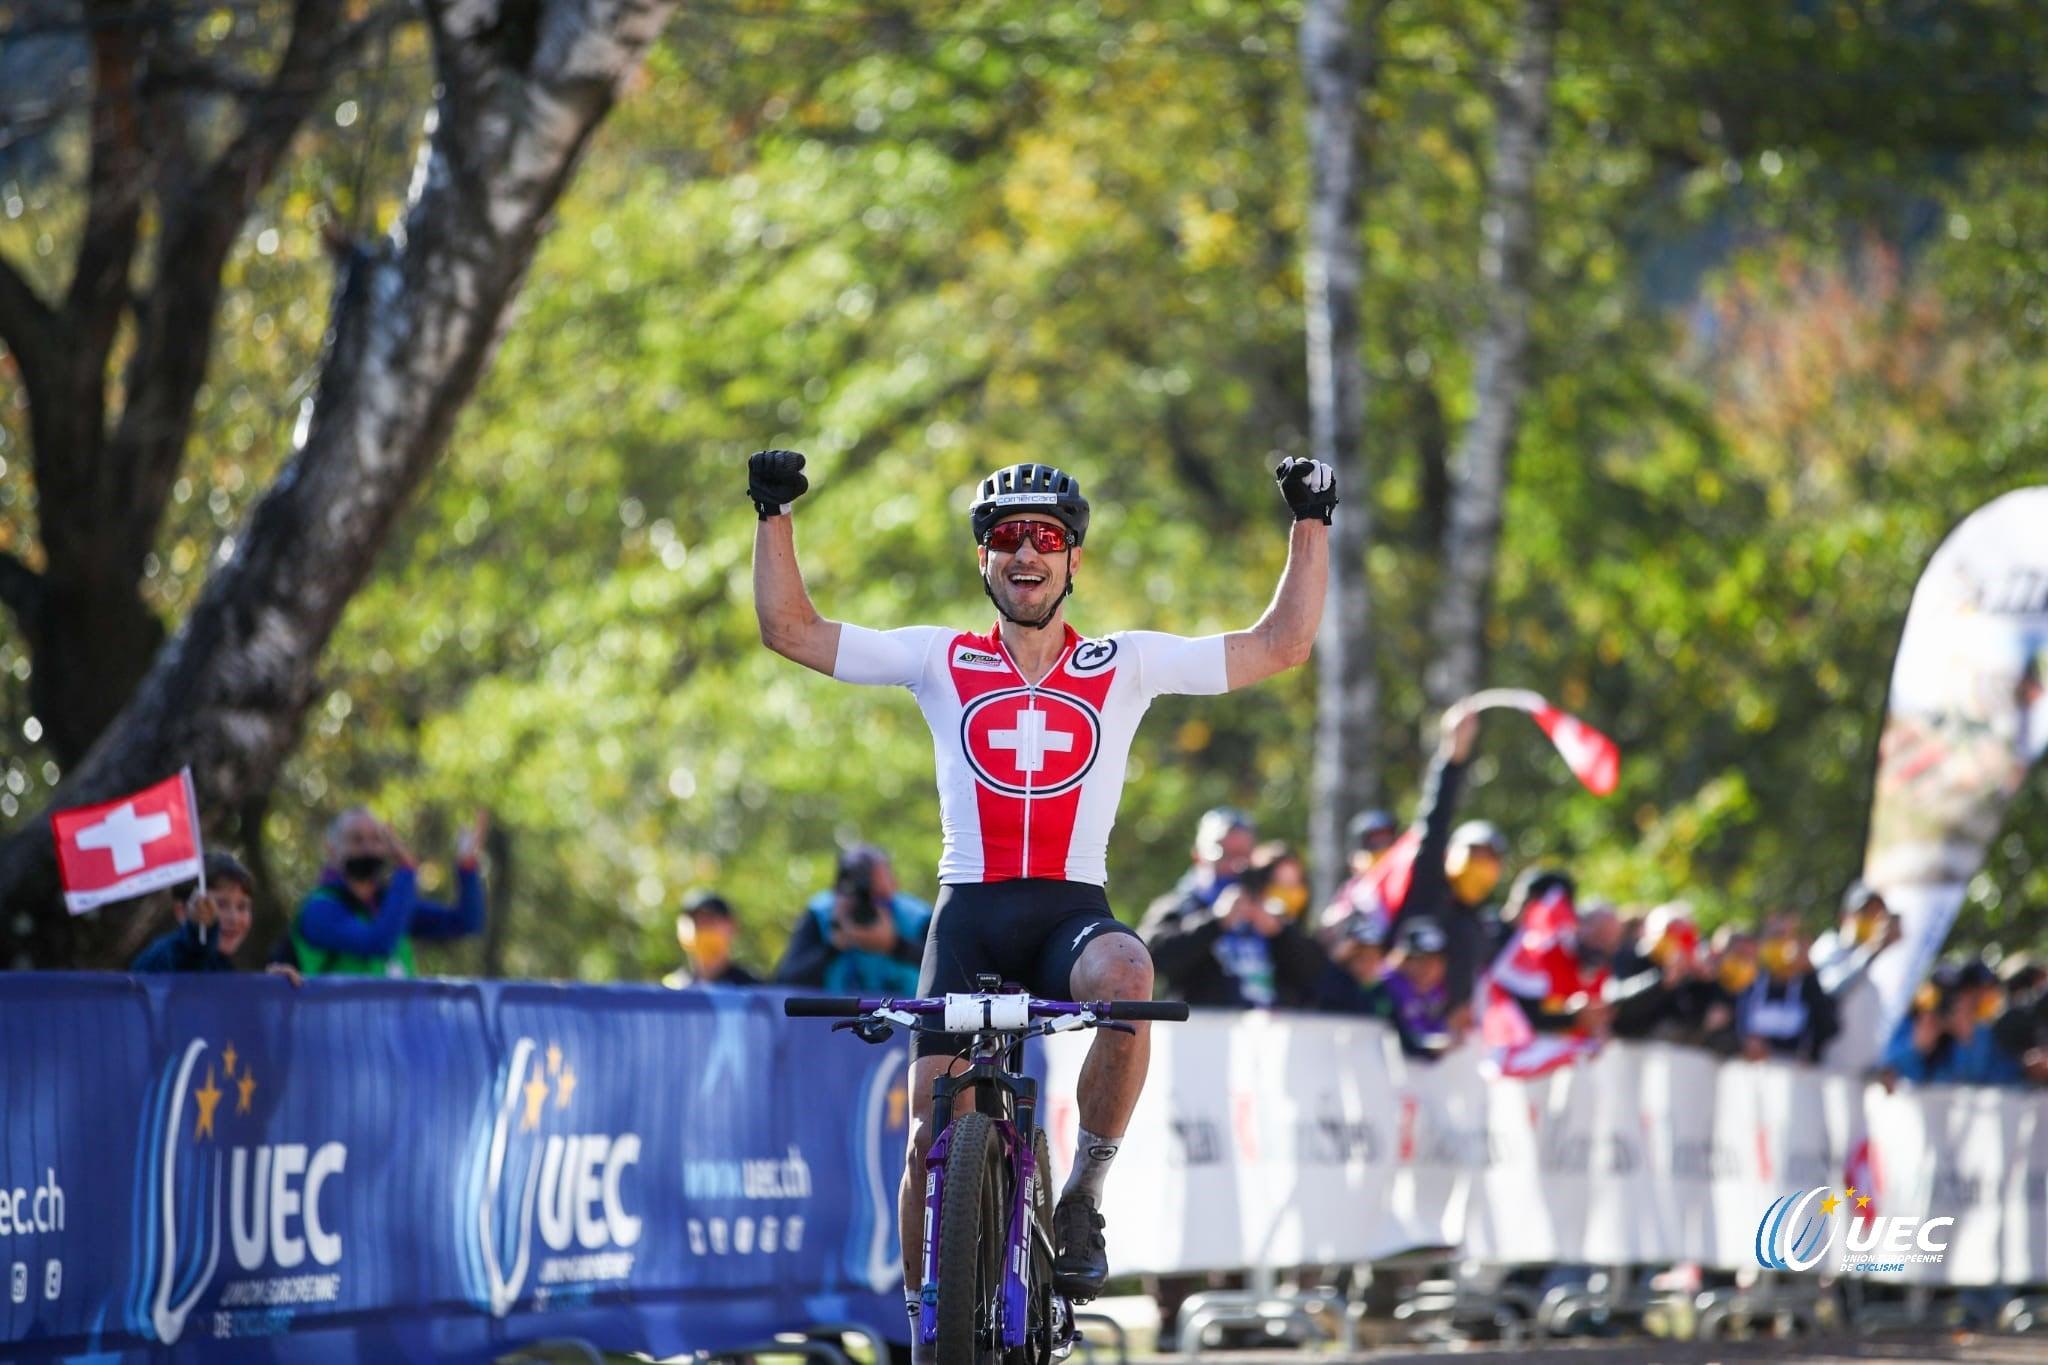 Nino Schurter vince il Campionato Europeo XCO 2020 (foto UEC/Michele Mondini)